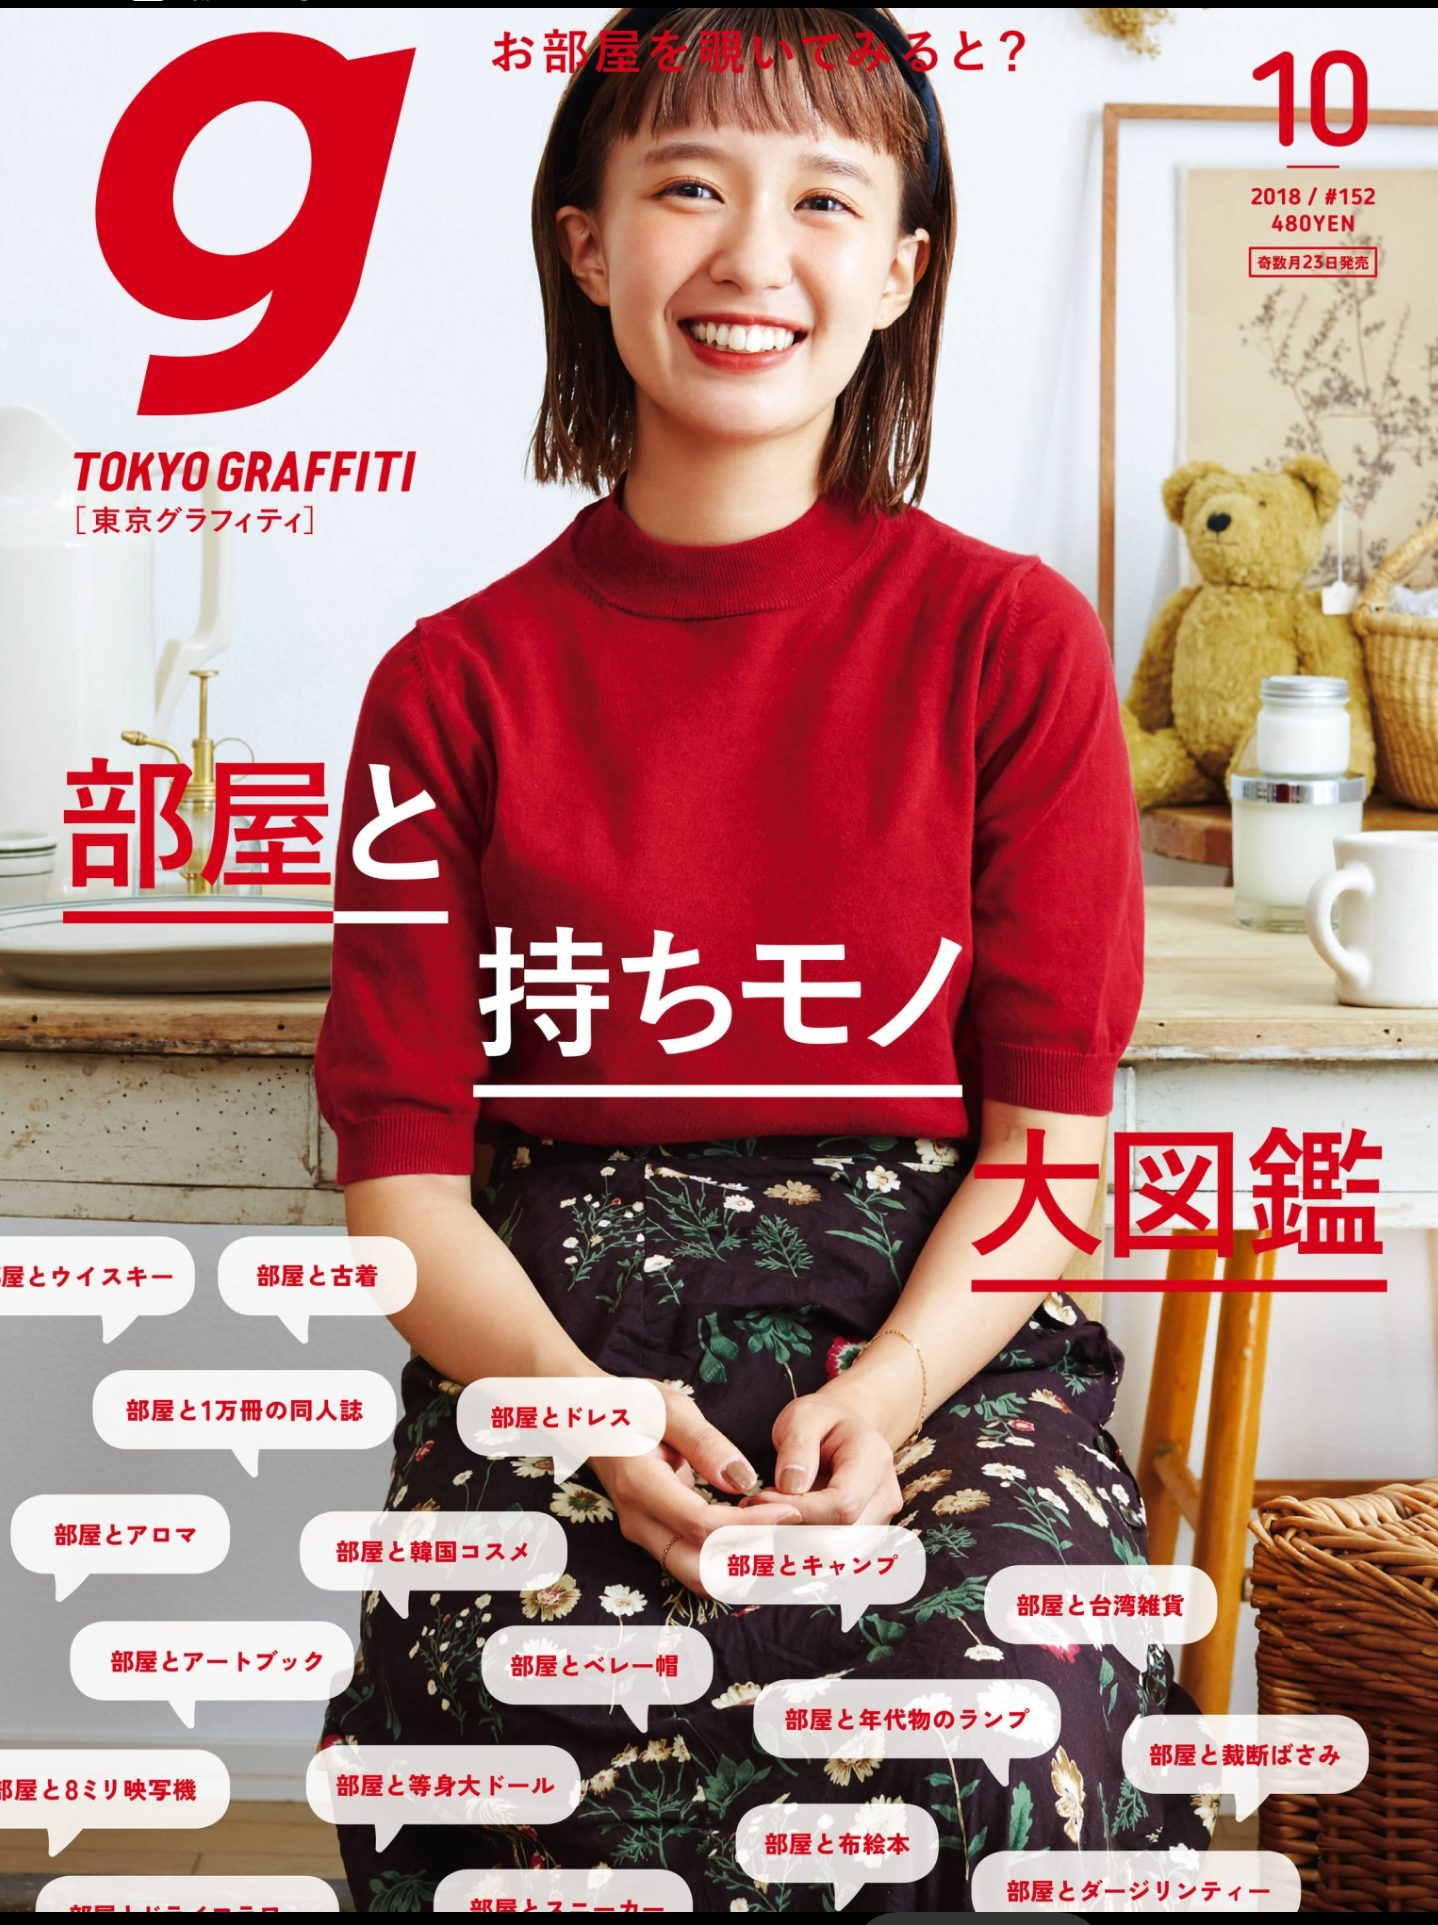 『東京グラフィティ』2018.10月号表紙